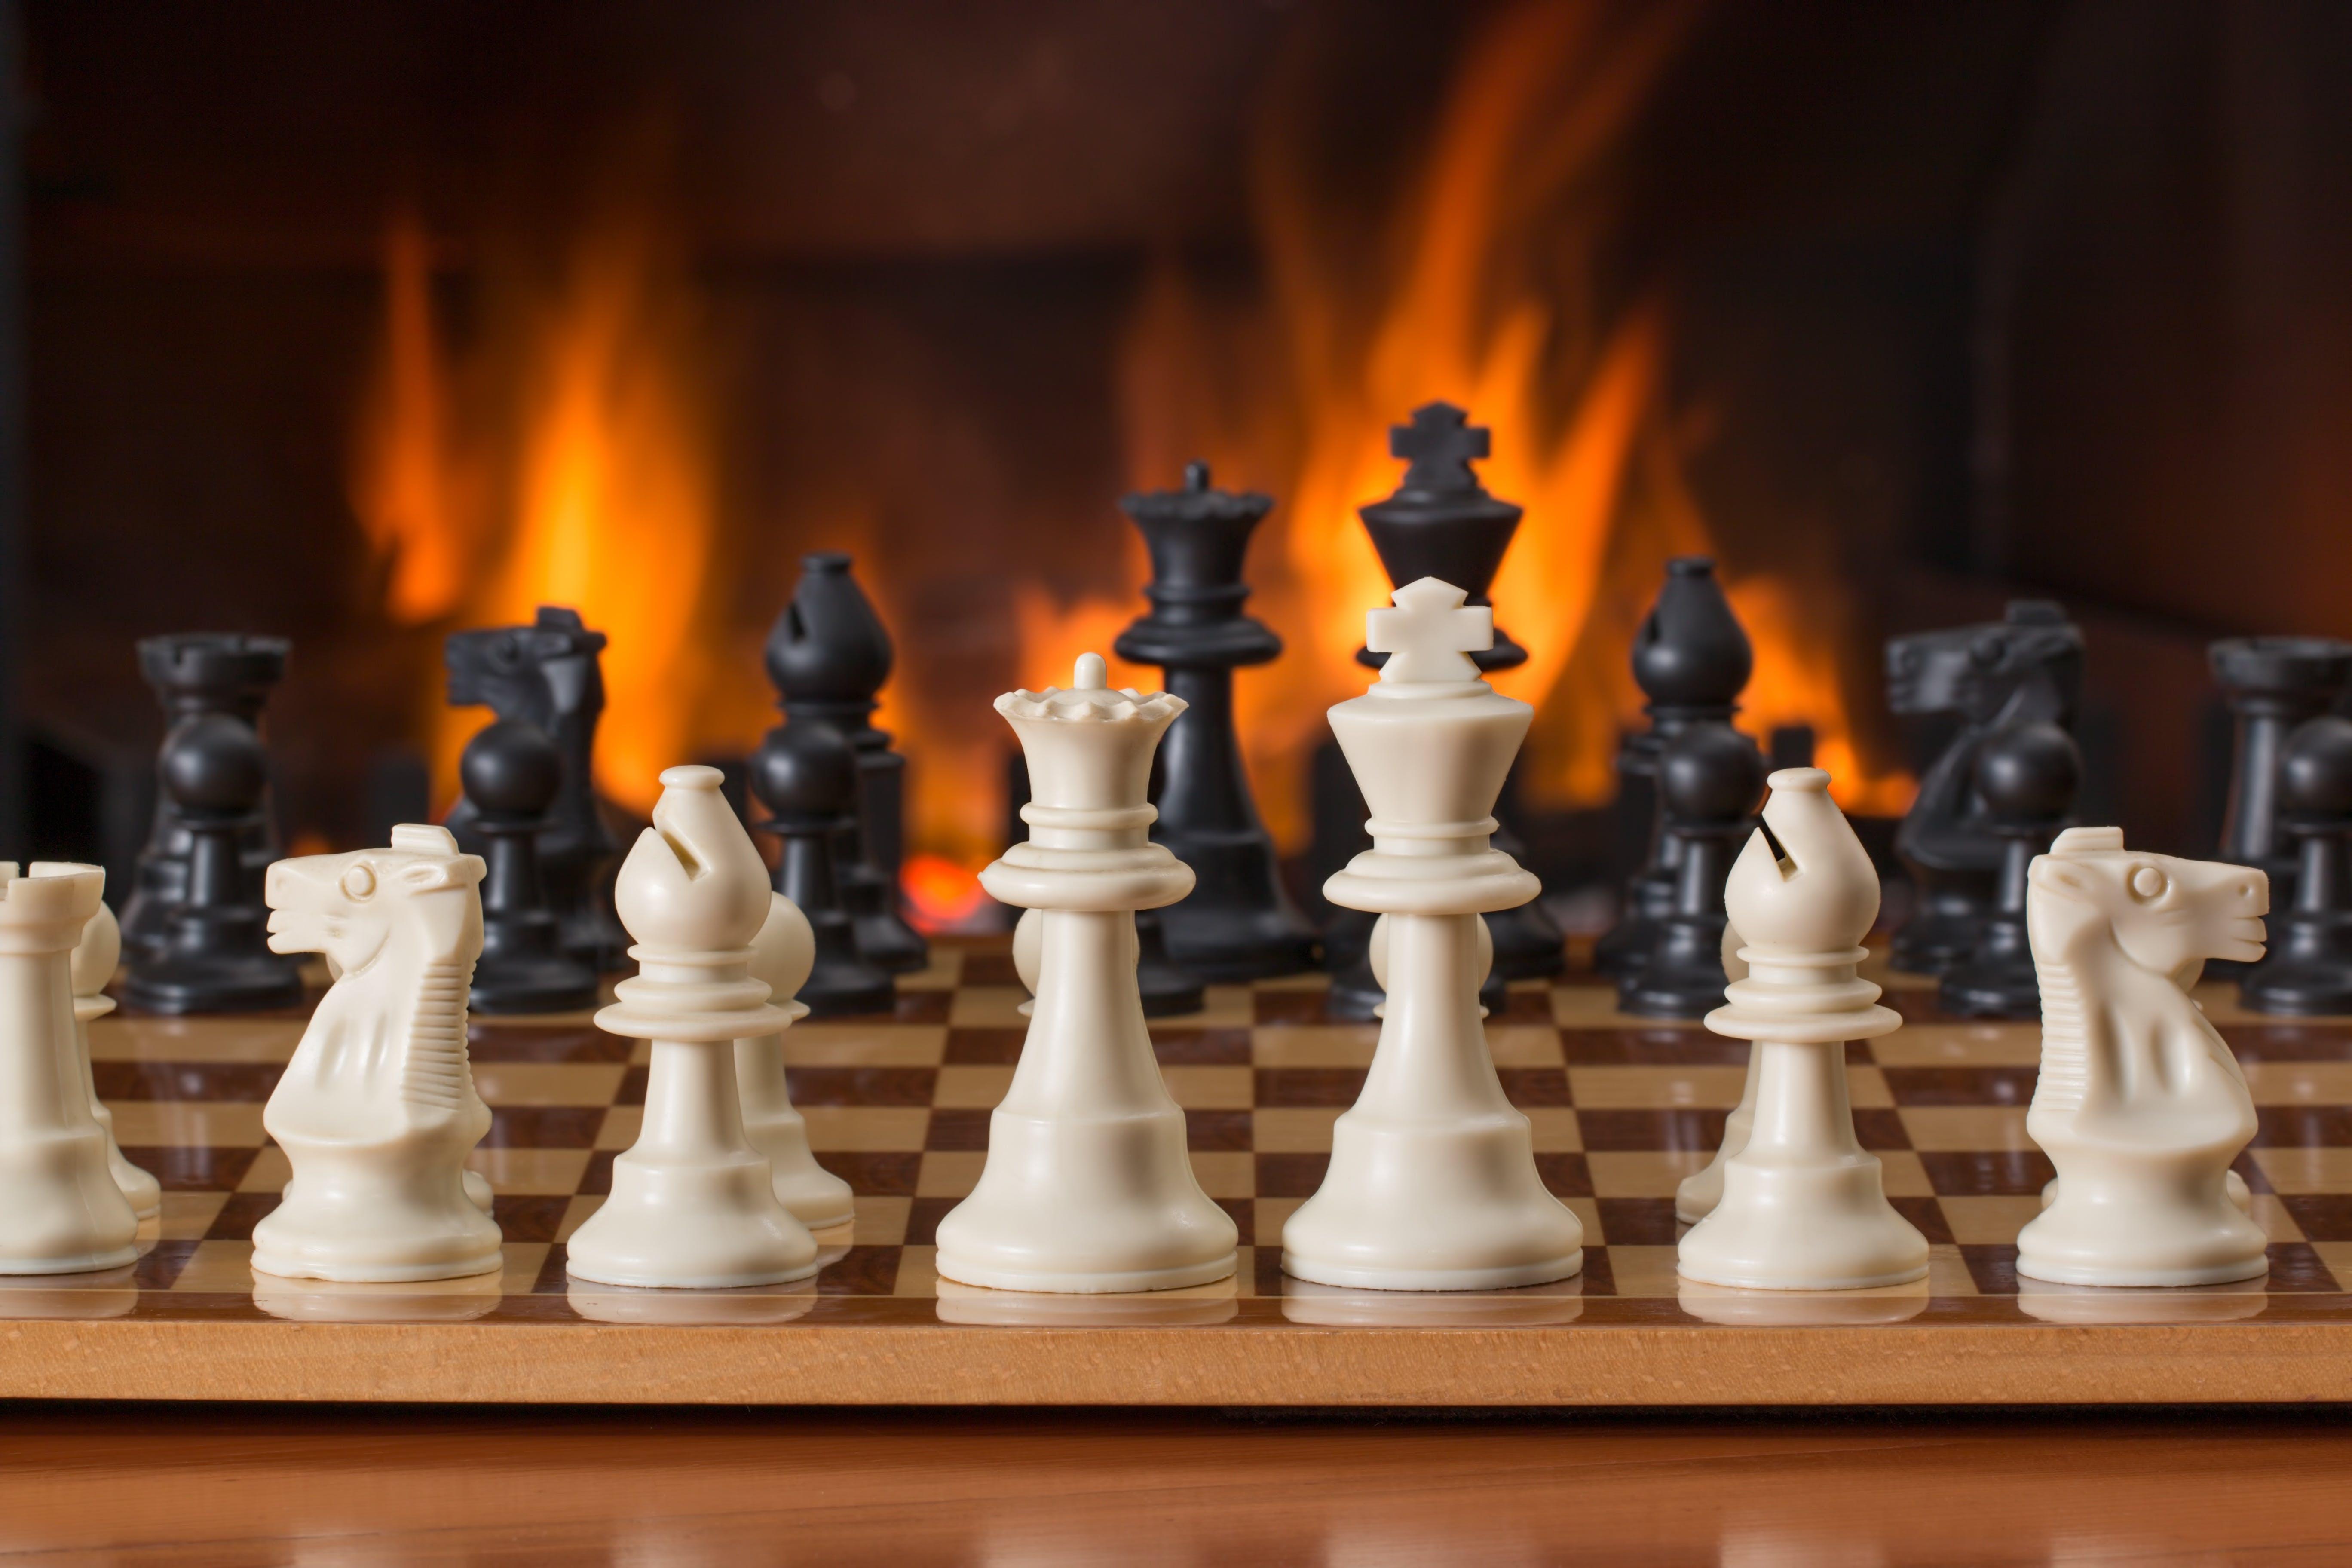 brettspiel, challenge, flammen